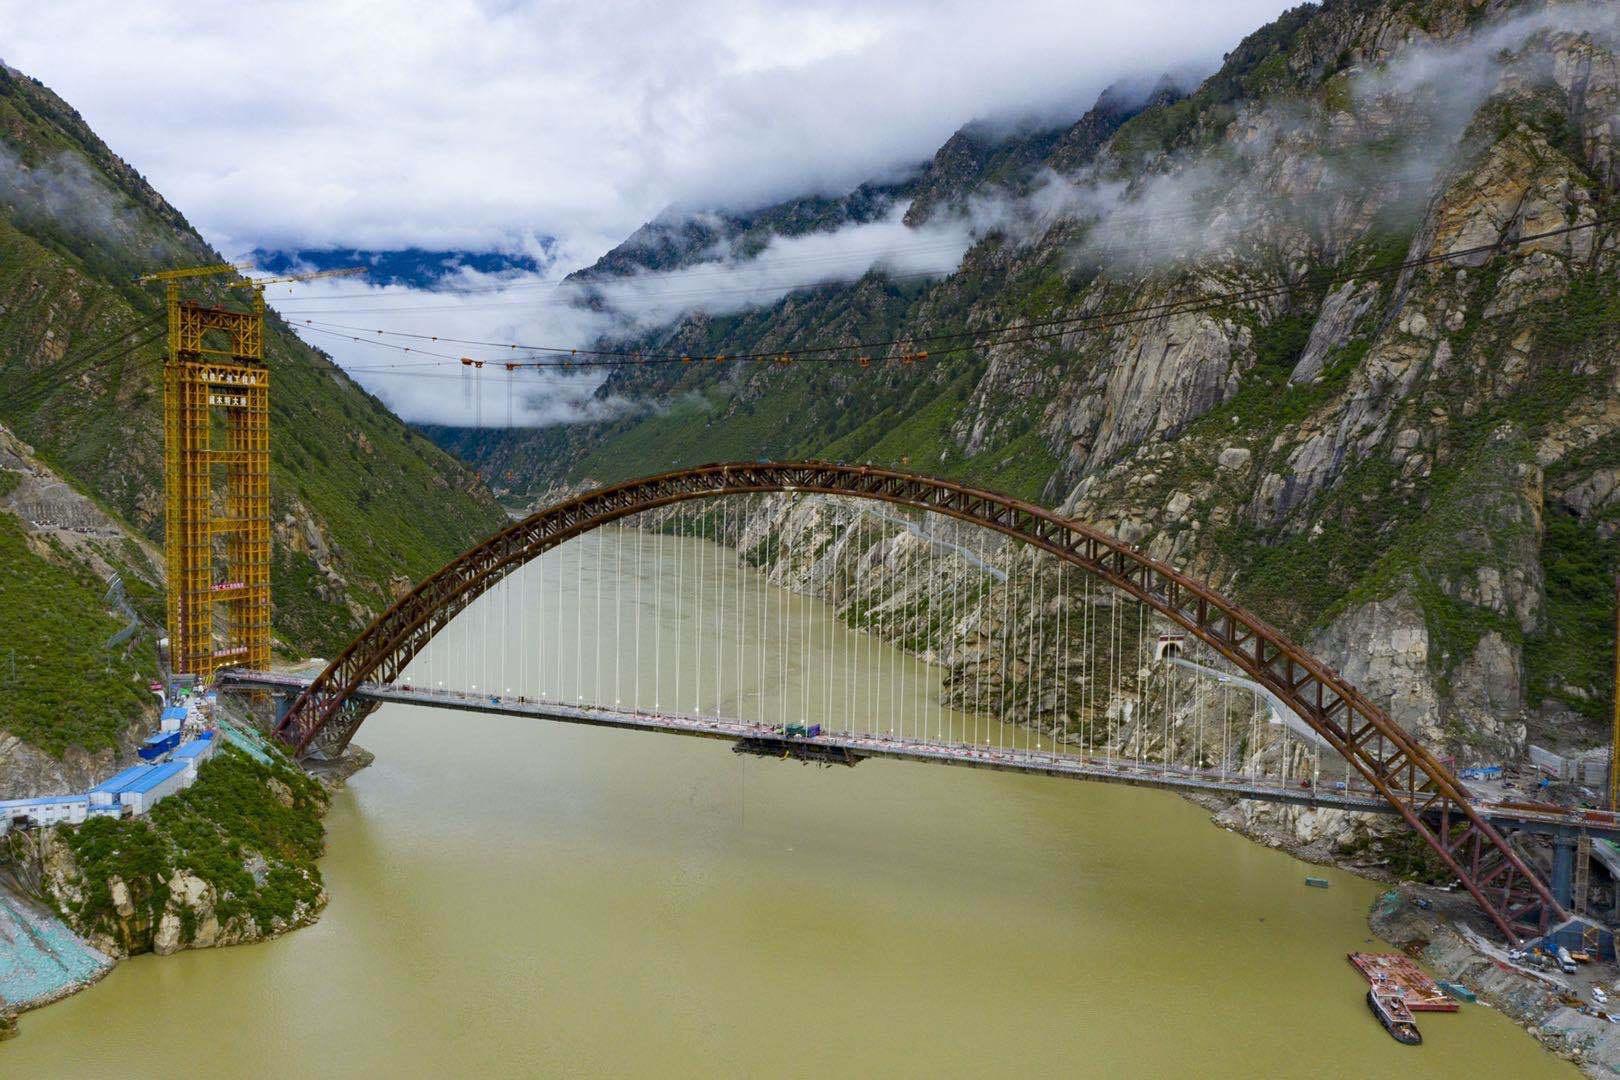 藏木雅鲁藏布江双线特大桥鸟瞰。人民日报记者徐驭尧摄